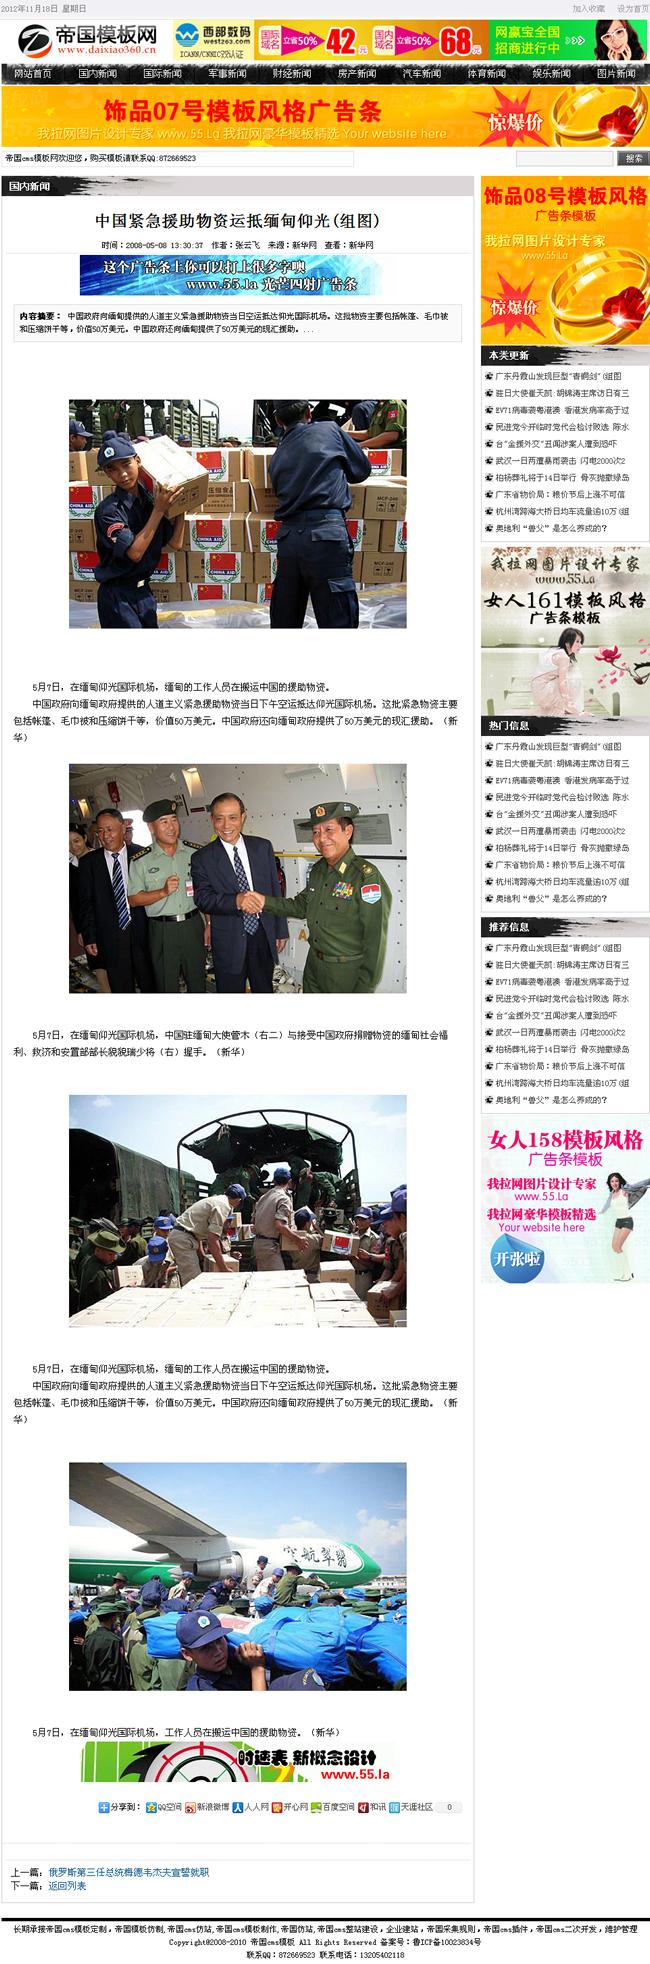 帝国cms江南古典水墨风格新闻资讯文章模板_内容页